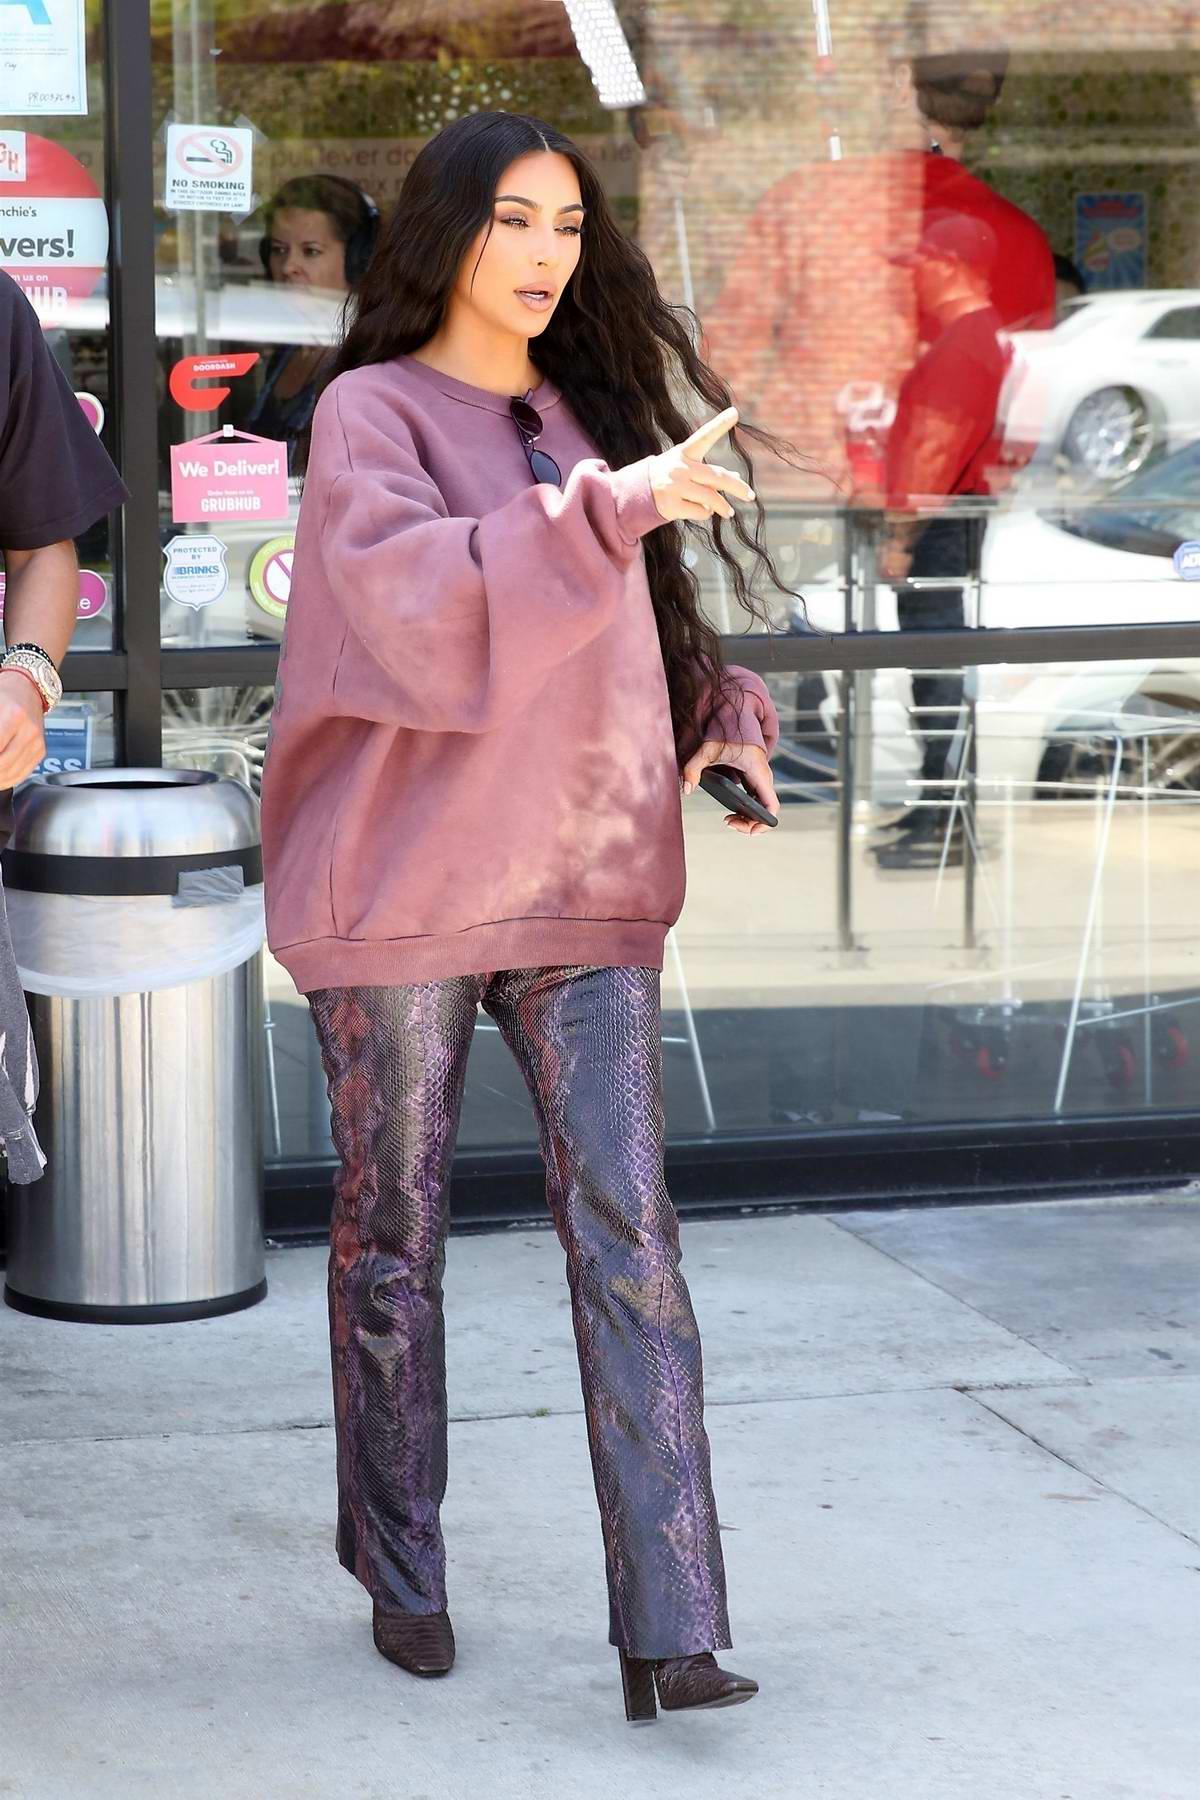 Kim Kardashian and Jonathan Cheban grab a treat together at Menchie's In Calabasas, California